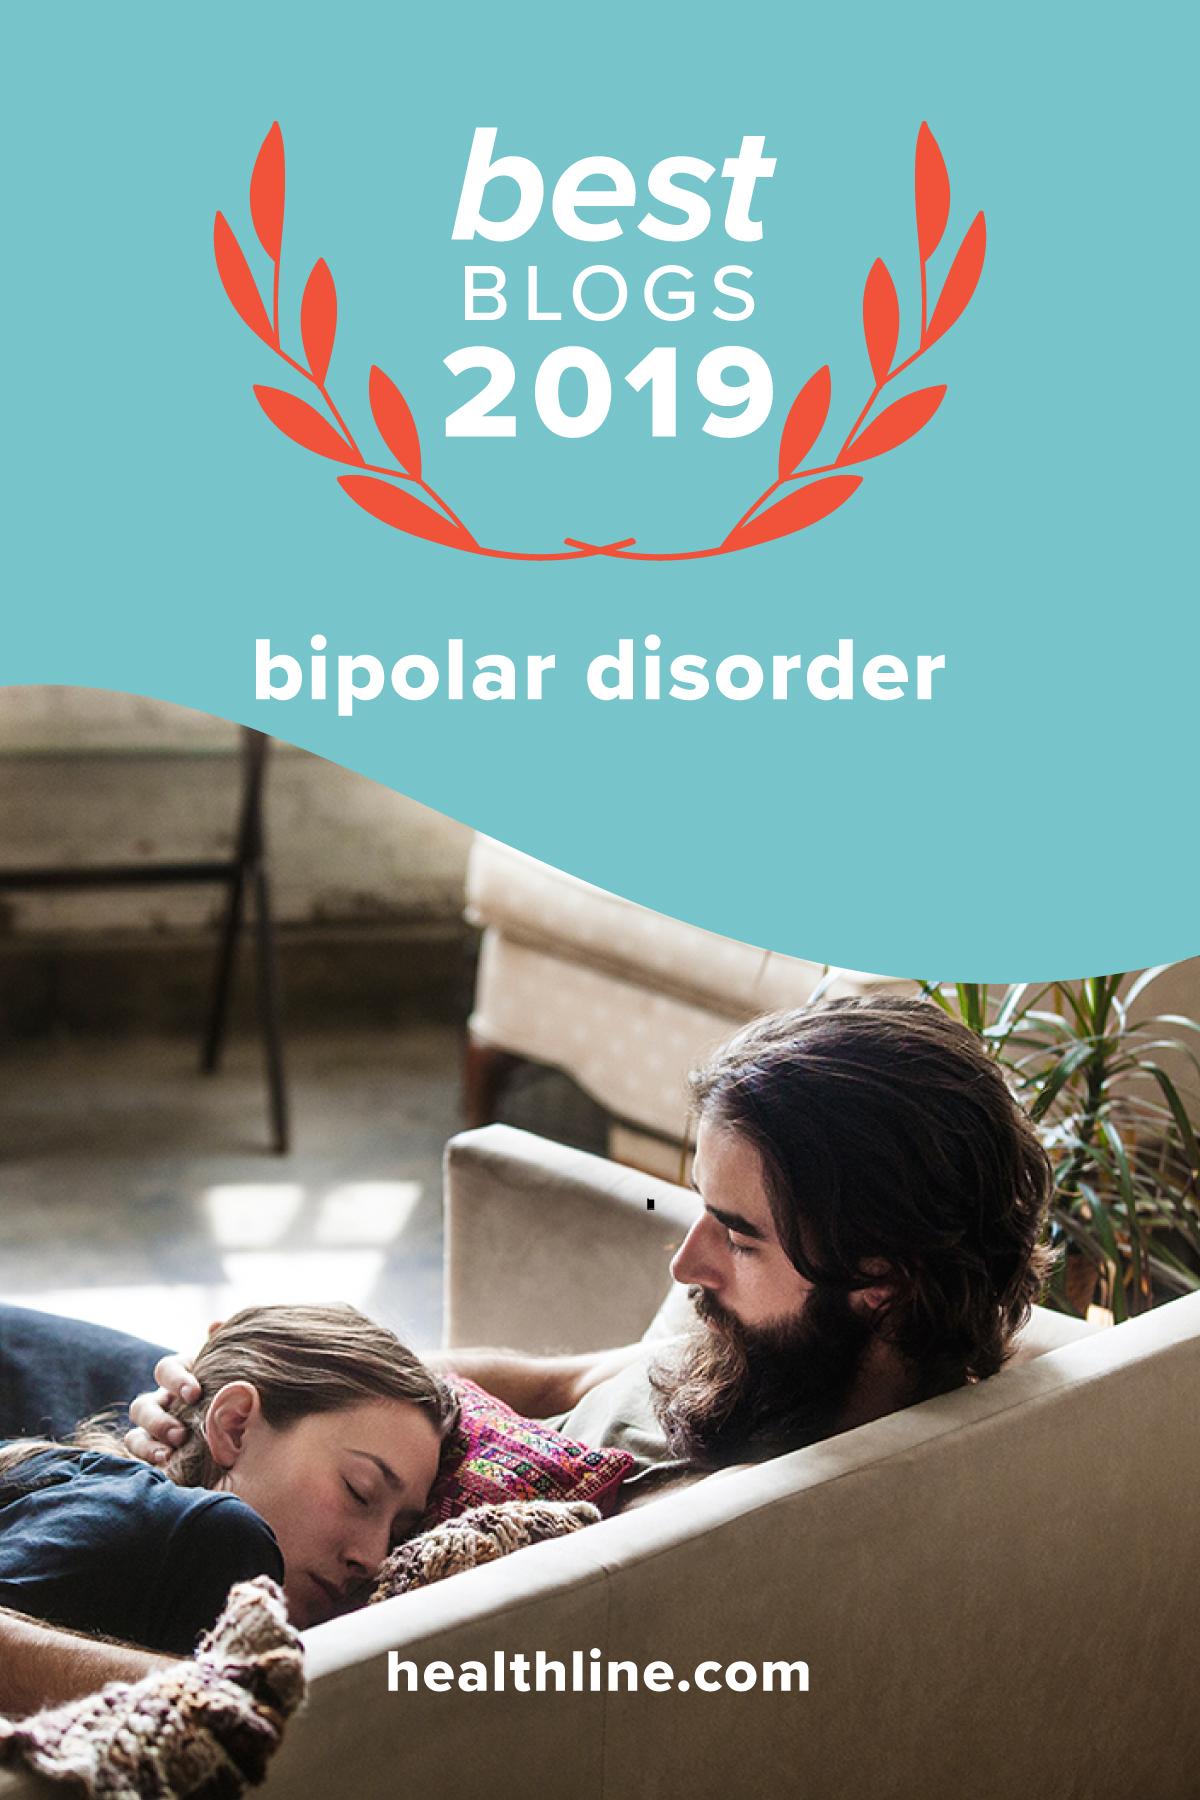 dating forum bipolar disorder